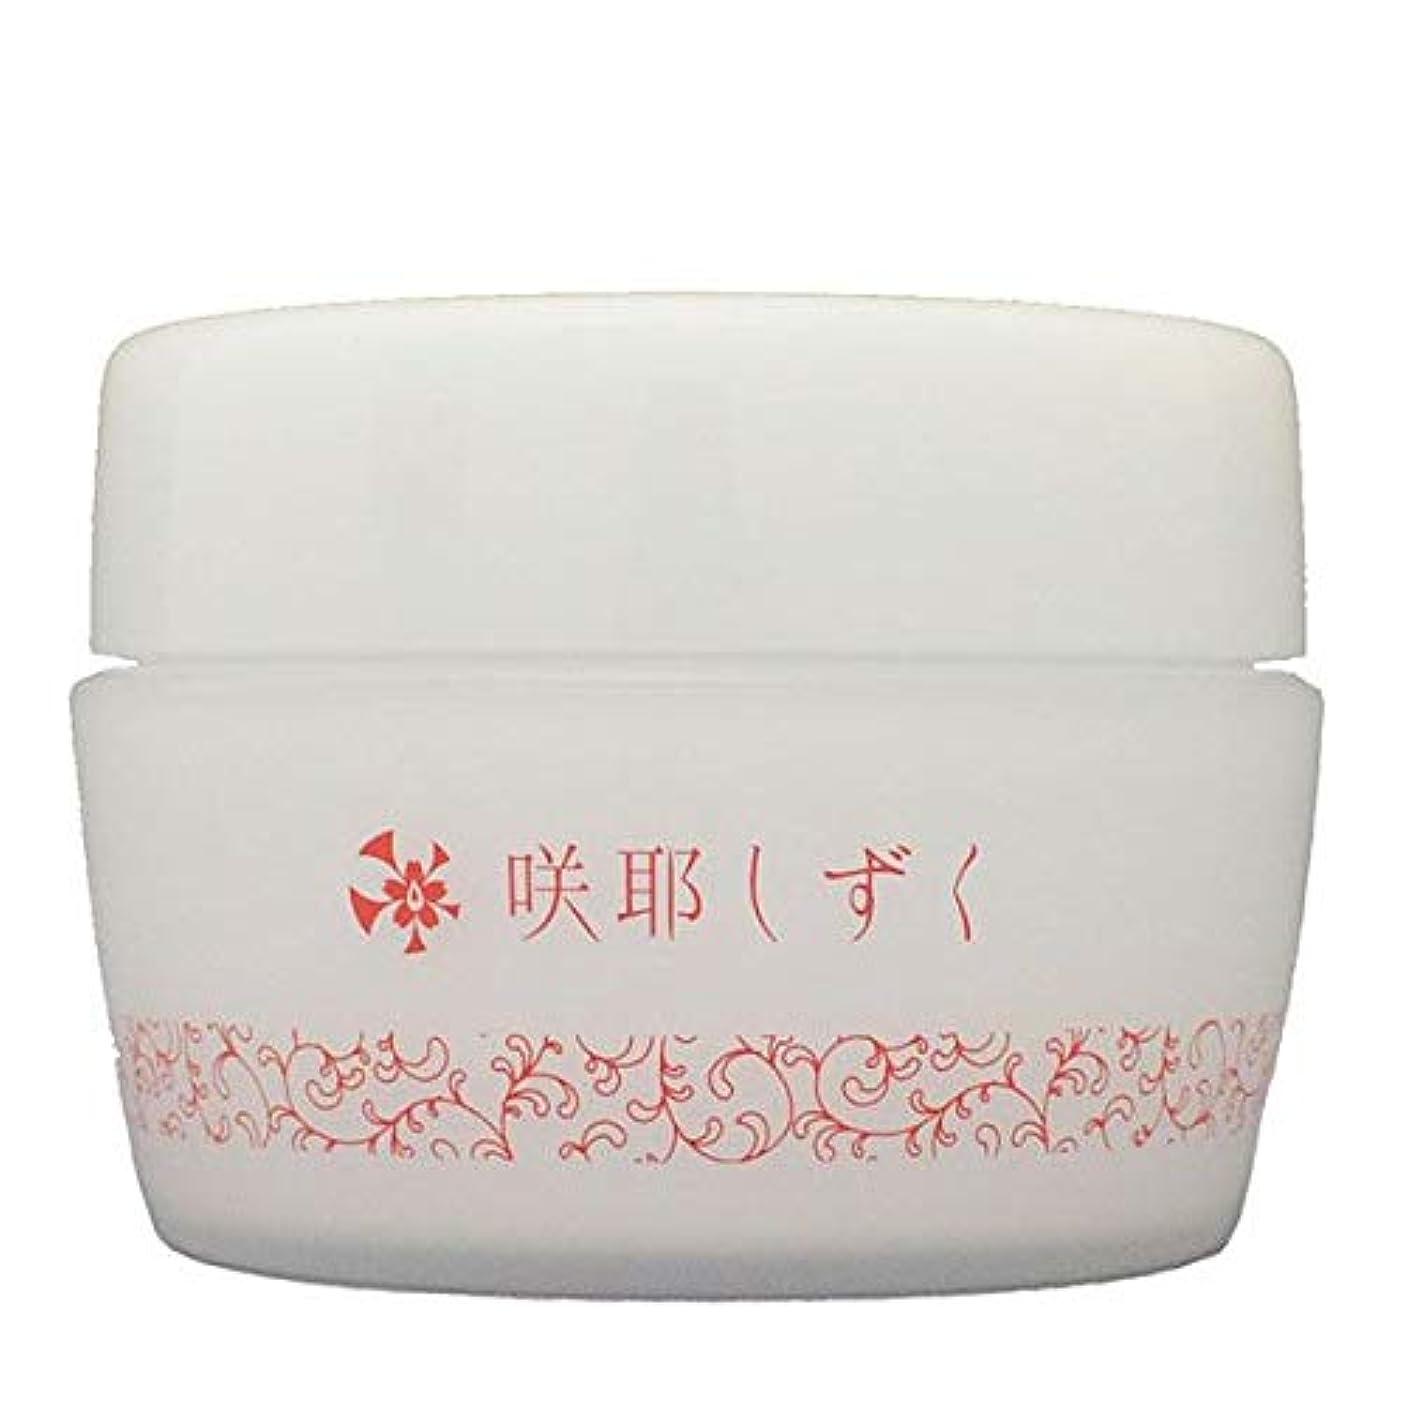 接辞意図的道路を作るプロセス咲耶しずく クリーム 乾燥肌 さくやしずく 敏感肌 エムズジャパン M's Japan ms-sge01